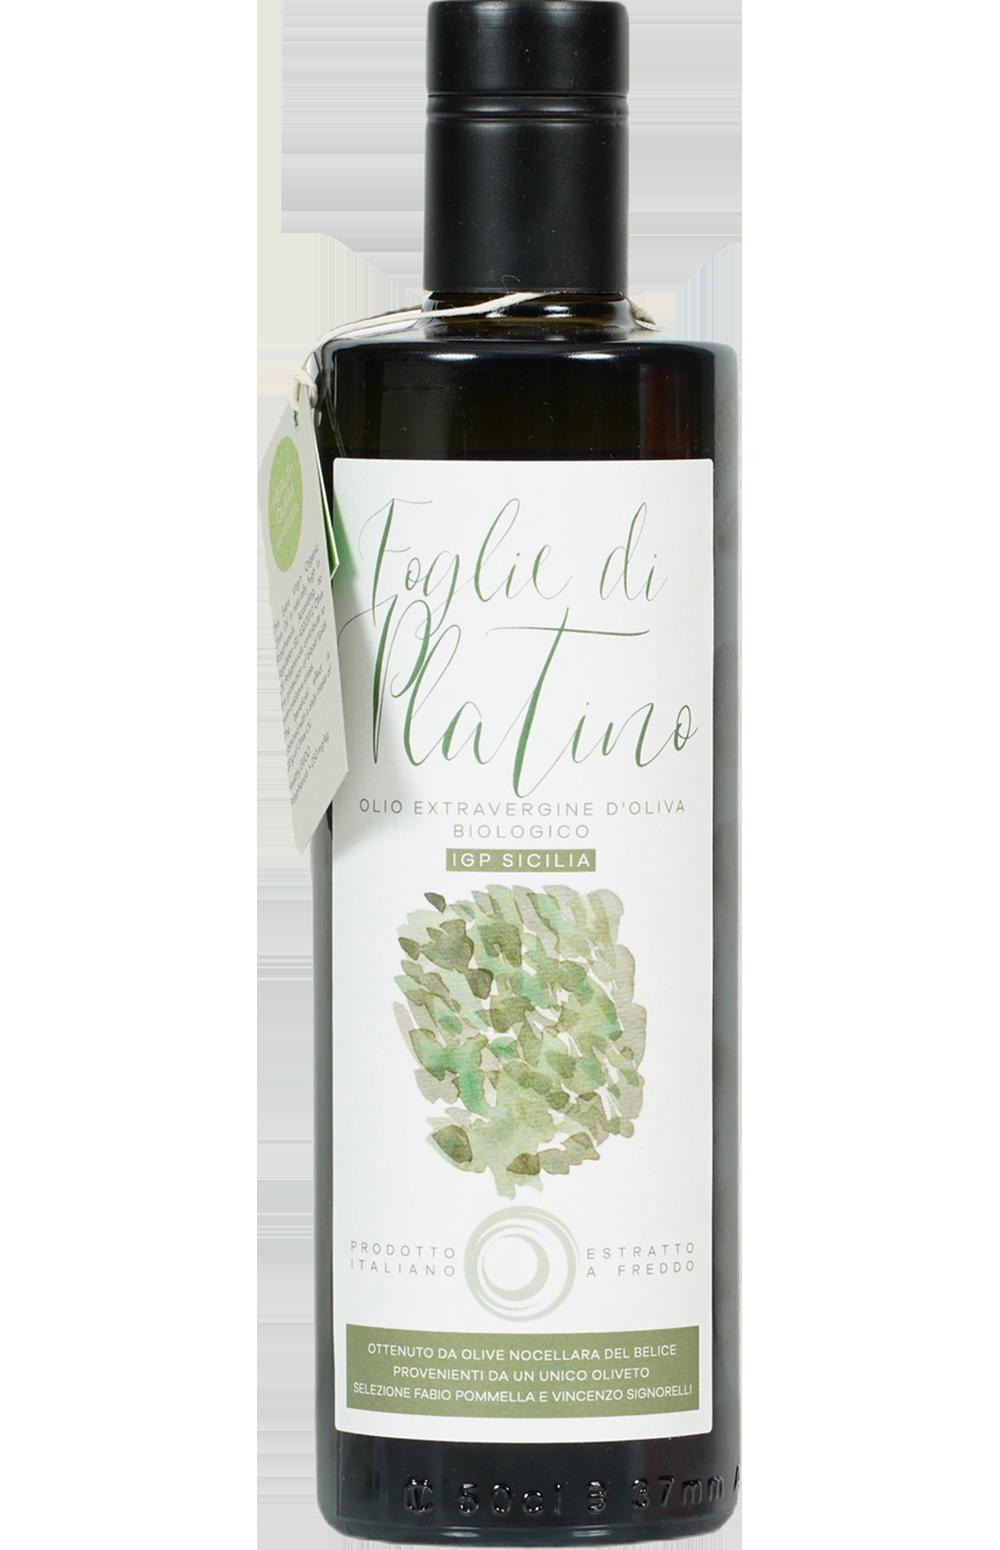 Foglie Di Platino – IGP Sicilia